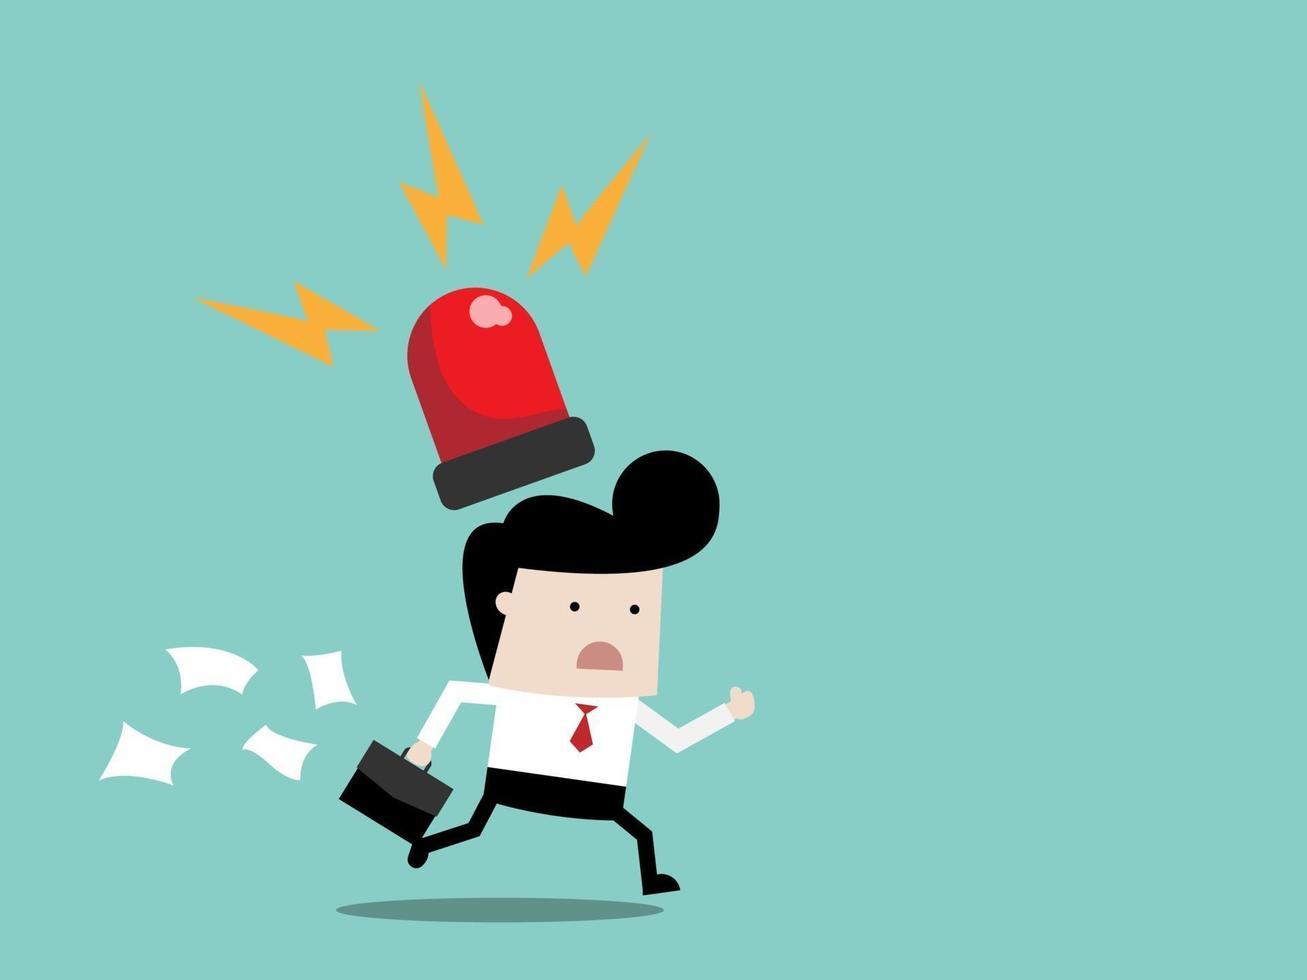 empresário correndo com a sirene na cabeça vetor